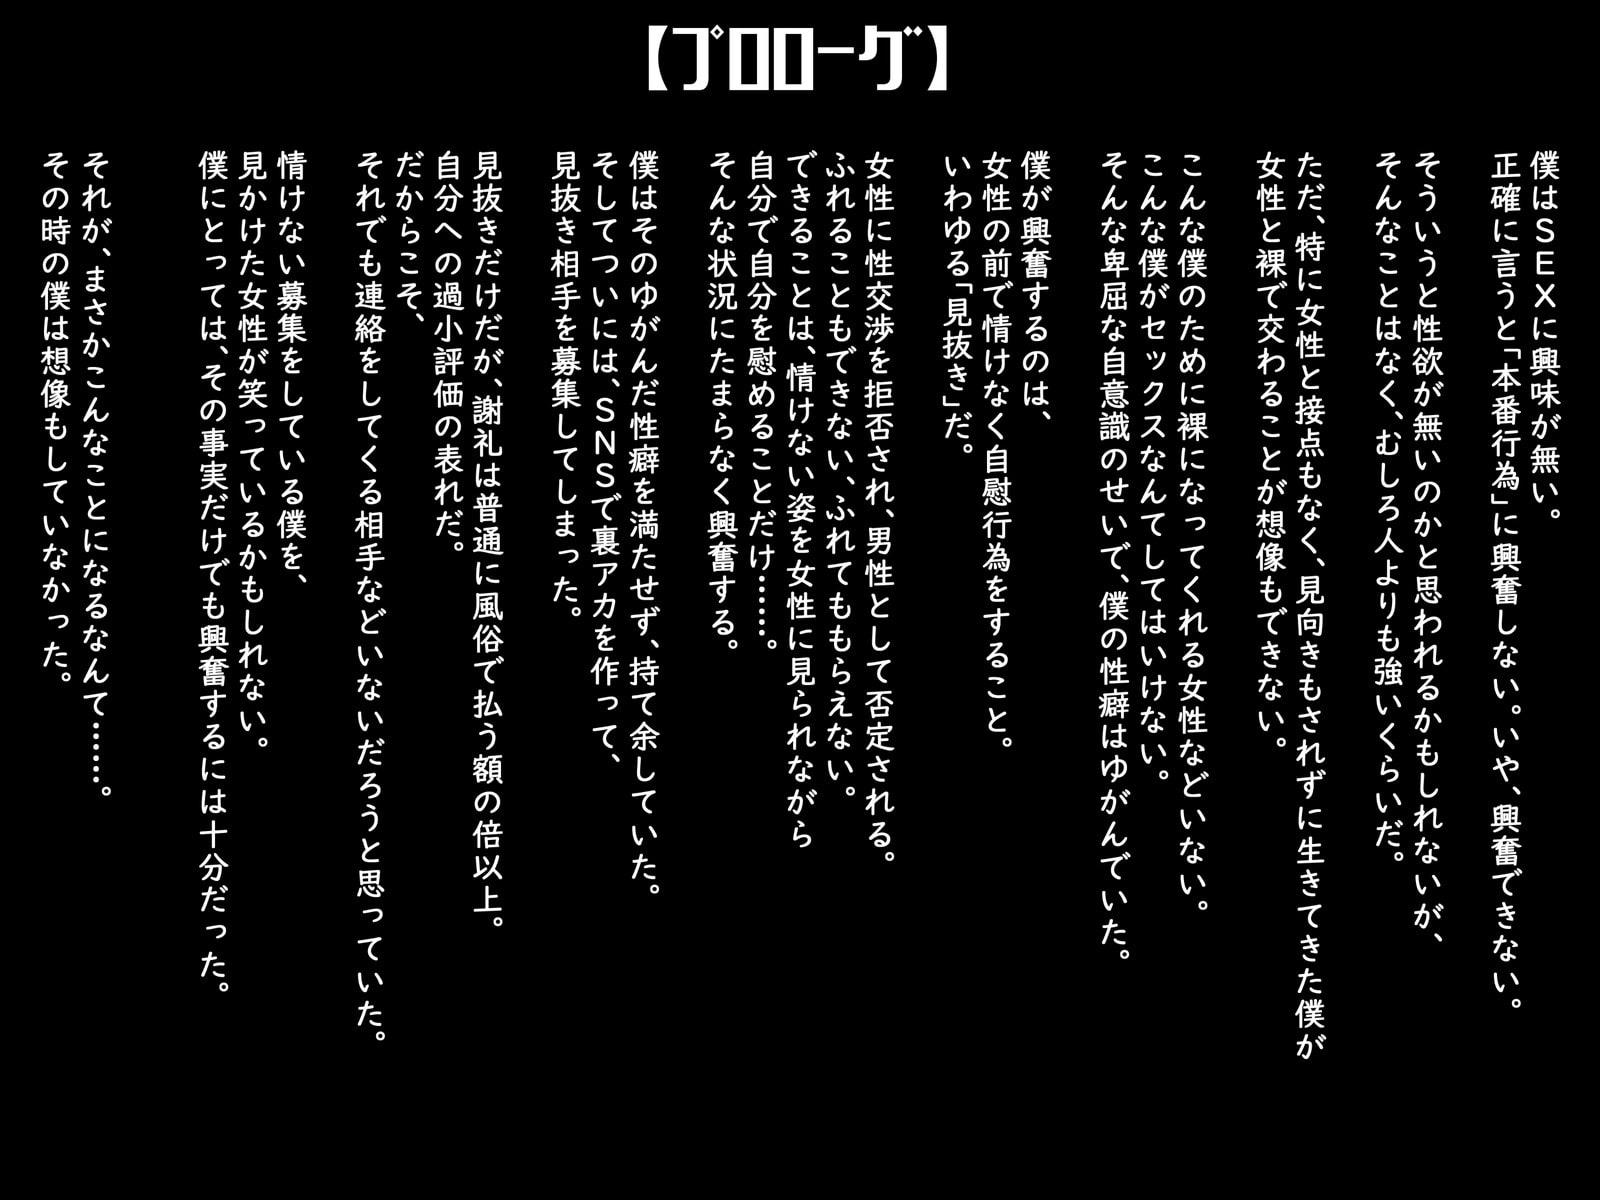 ぶっかけ見抜きガール~水泳部JK編~